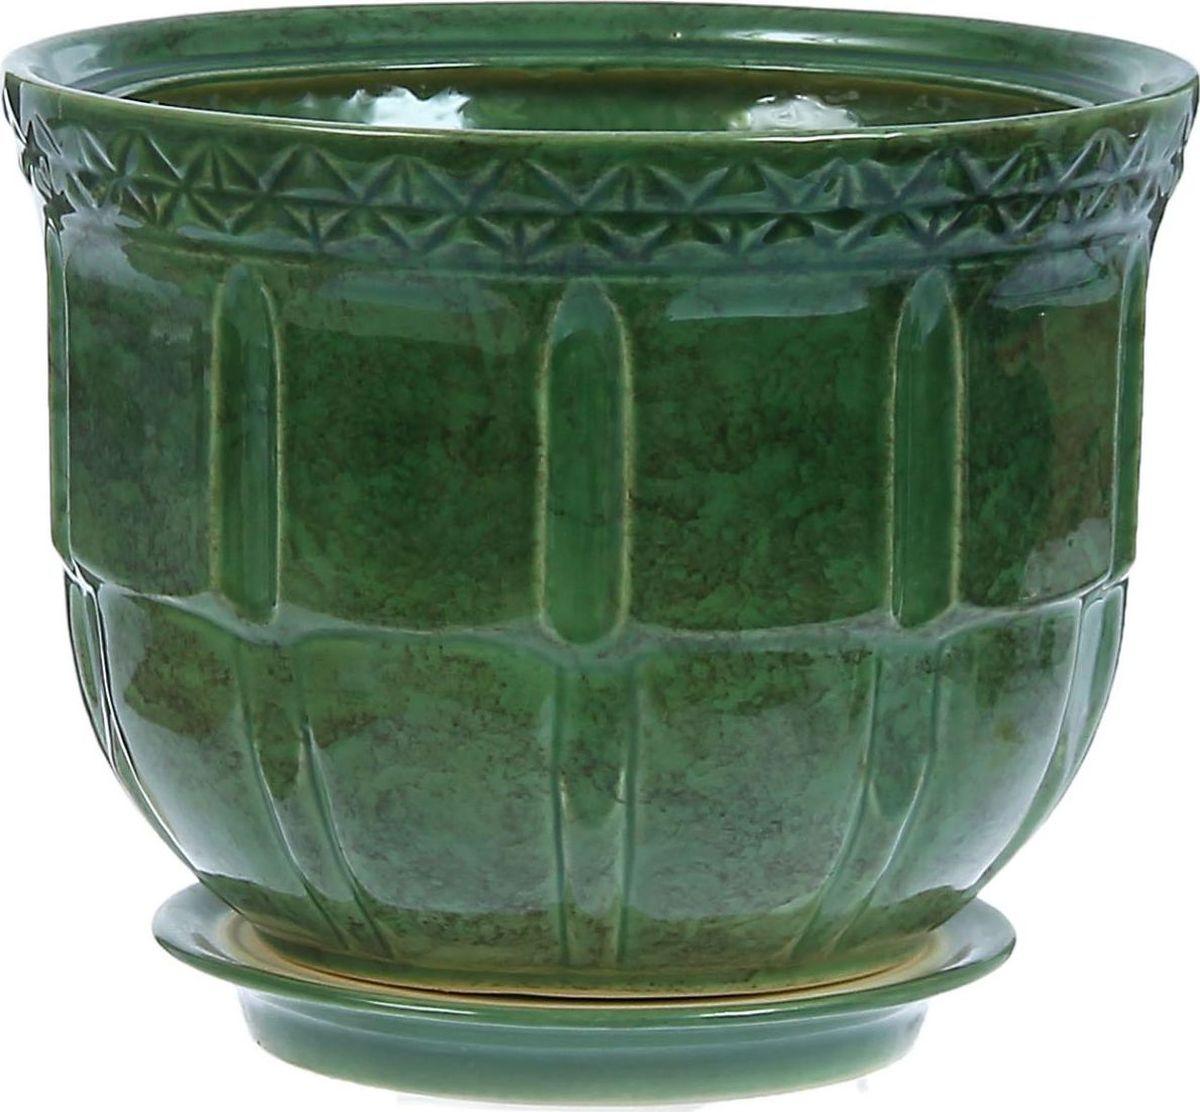 Кашпо Атлант, цвет: зеленый, 8 л1304661Комнатные растения — всеобщие любимцы. Они радуют глаз, насыщают помещение кислородом и украшают пространство. Каждому из них необходим свой удобный и красивый дом. Кашпо из керамики прекрасно подходят для высадки растений: за счёт пластичности глины и разных способов обработки существует великое множество форм и дизайновпористый материал позволяет испаряться лишней влагевоздух, необходимый для дыхания корней, проникает сквозь керамические стенки! #name# позаботится о зелёном питомце, освежит интерьер и подчеркнёт его стиль.